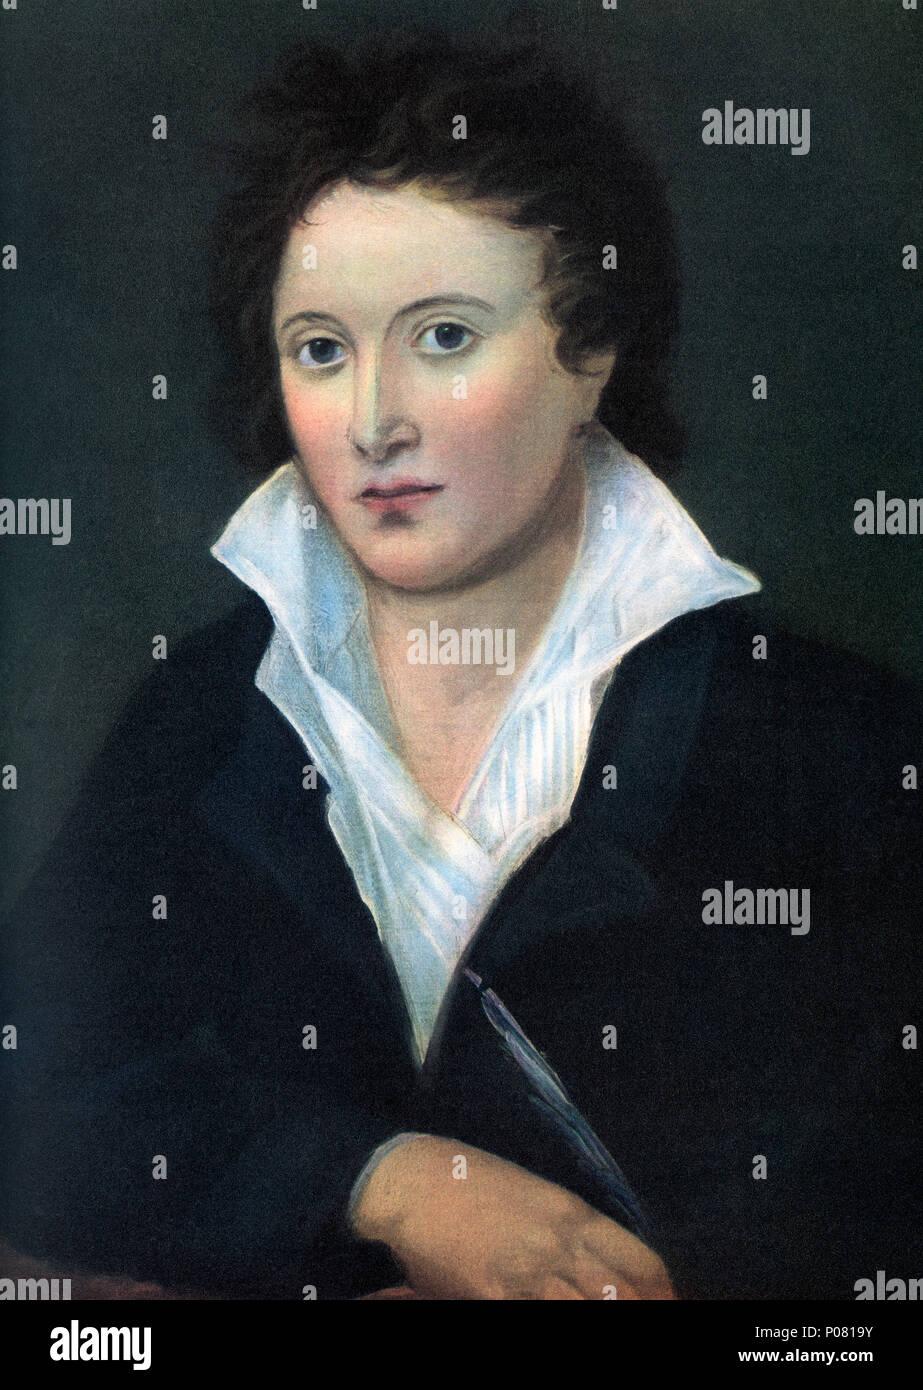 Percy Bysshe Shelley, 1792 - 1822. Englischer Dichter, Dramatiker, Essayist, Schriftsteller. Nach einer zeitgenössischen Print. Stockbild